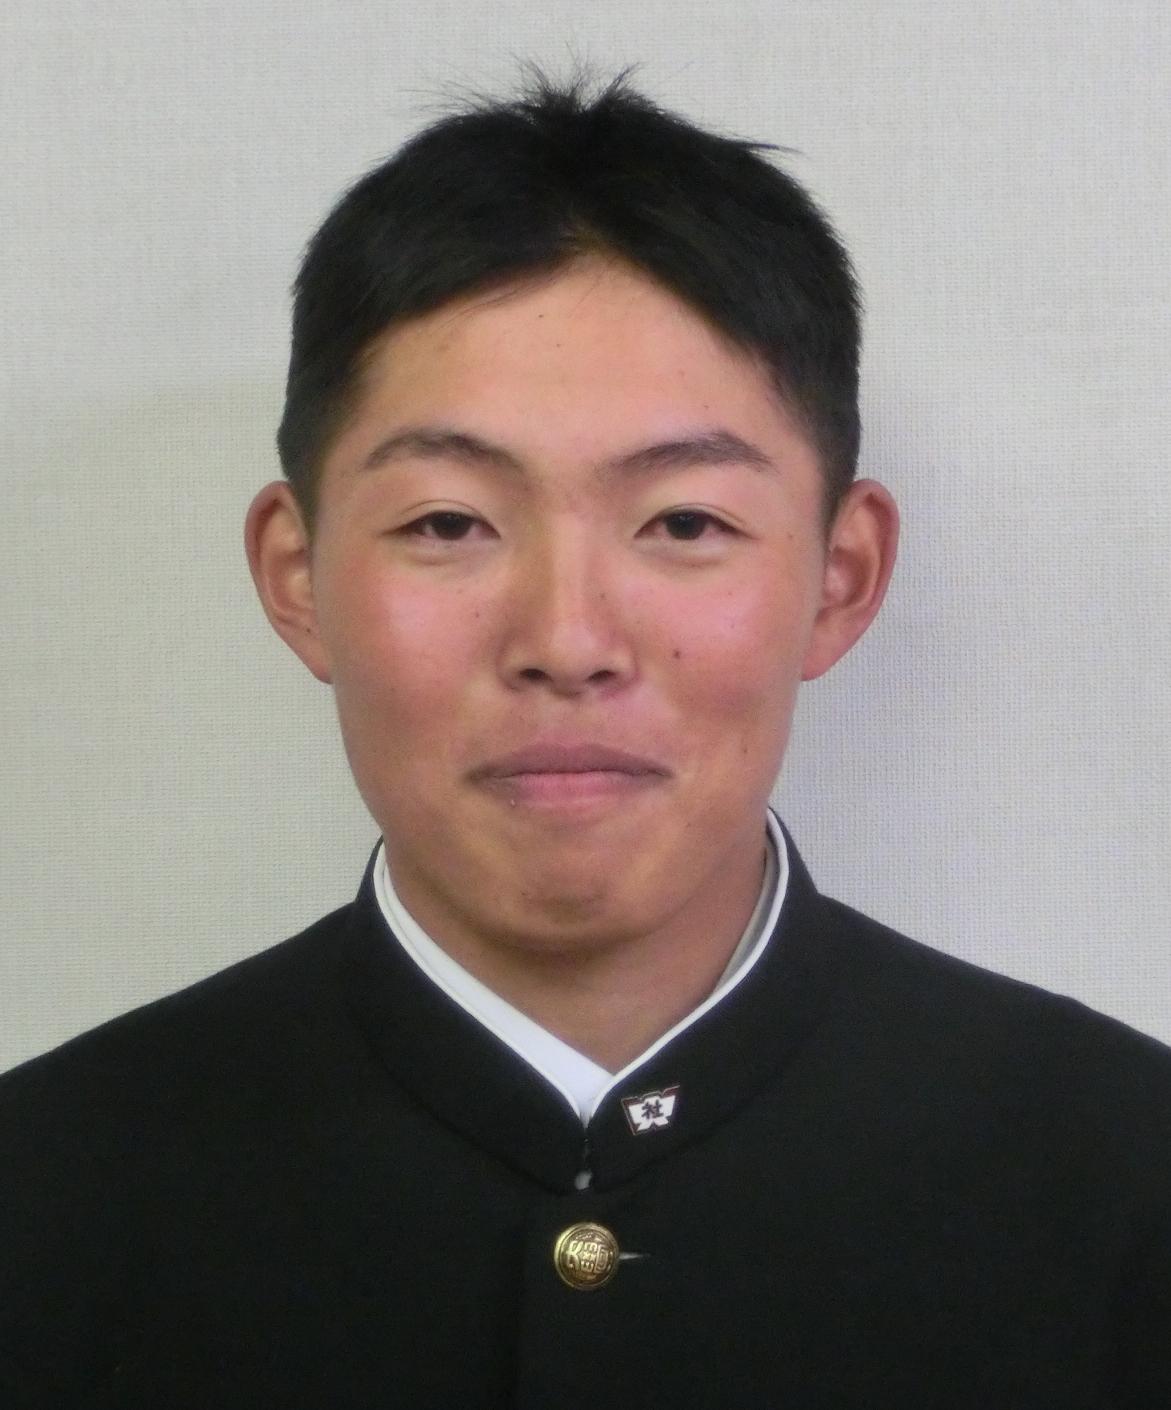 長谷川 寛